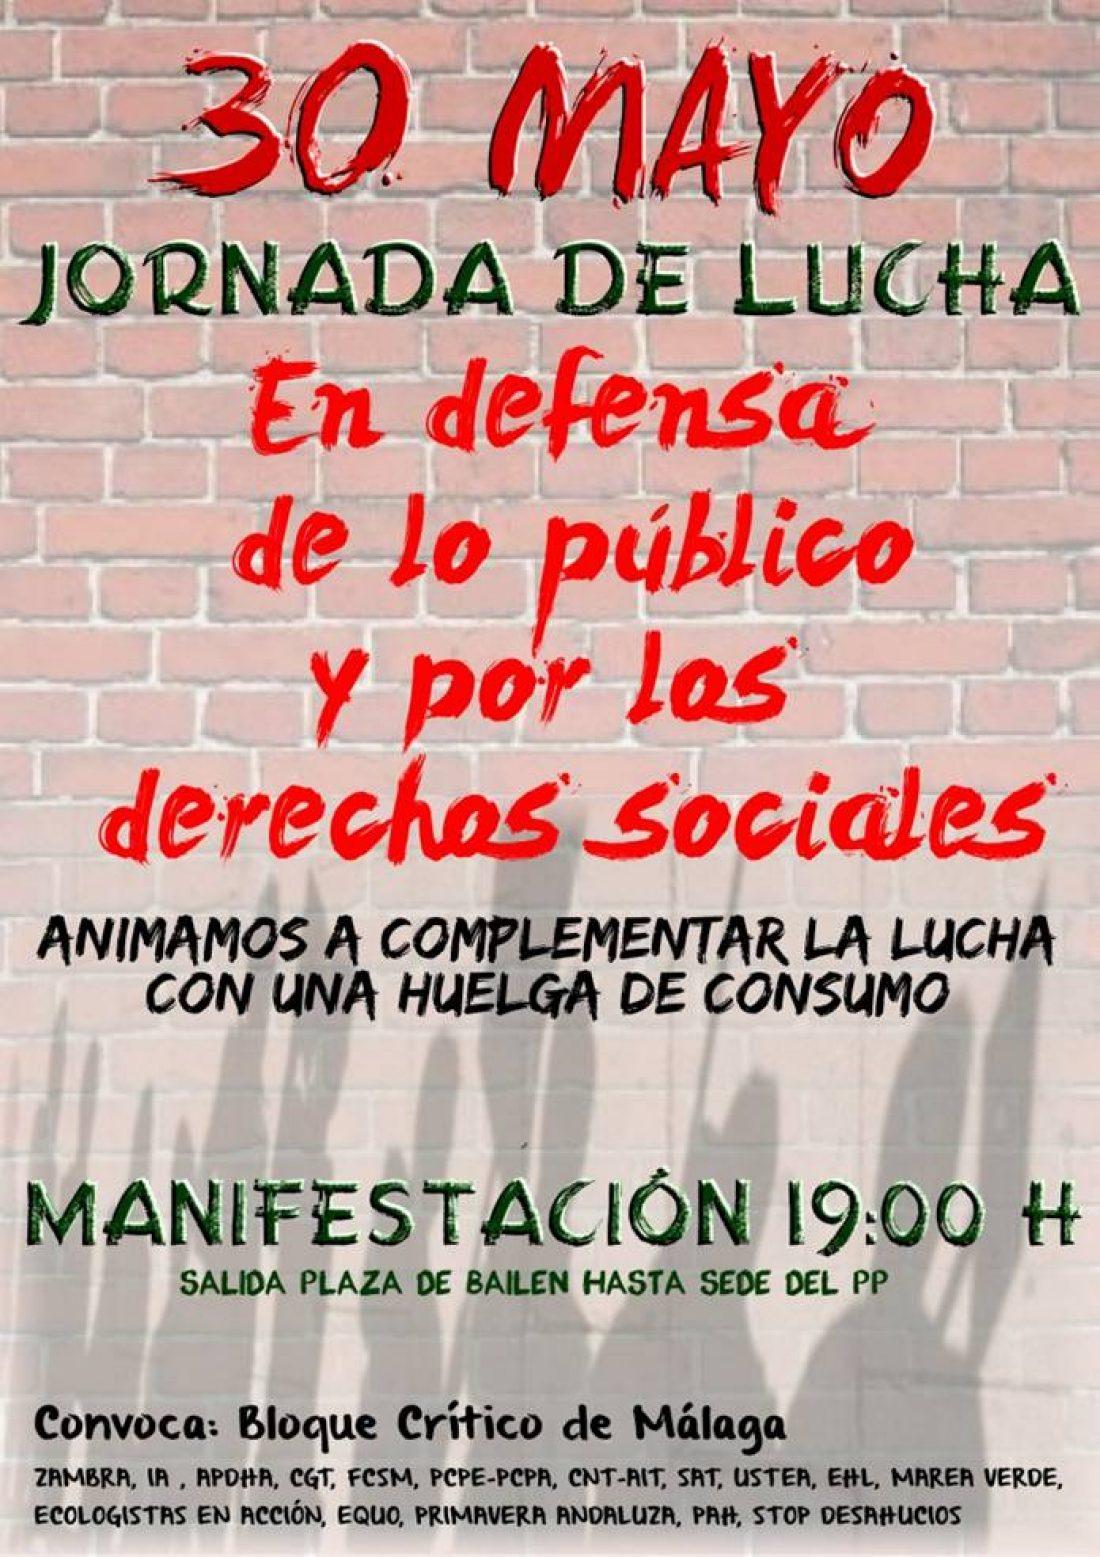 30M, Jornada de Lucha, Huelga de Consumo y Manifestación en Málaga